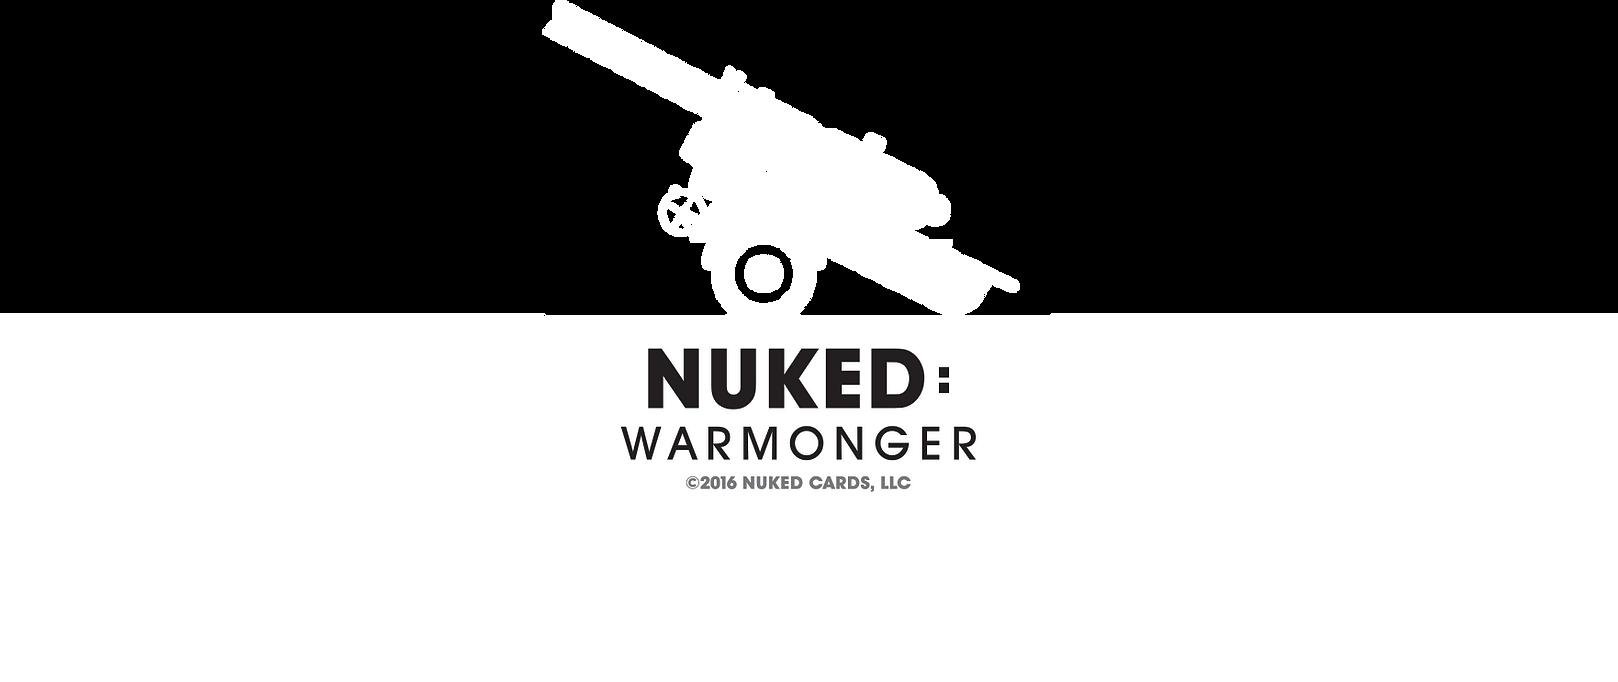 WarmongerLogo.png